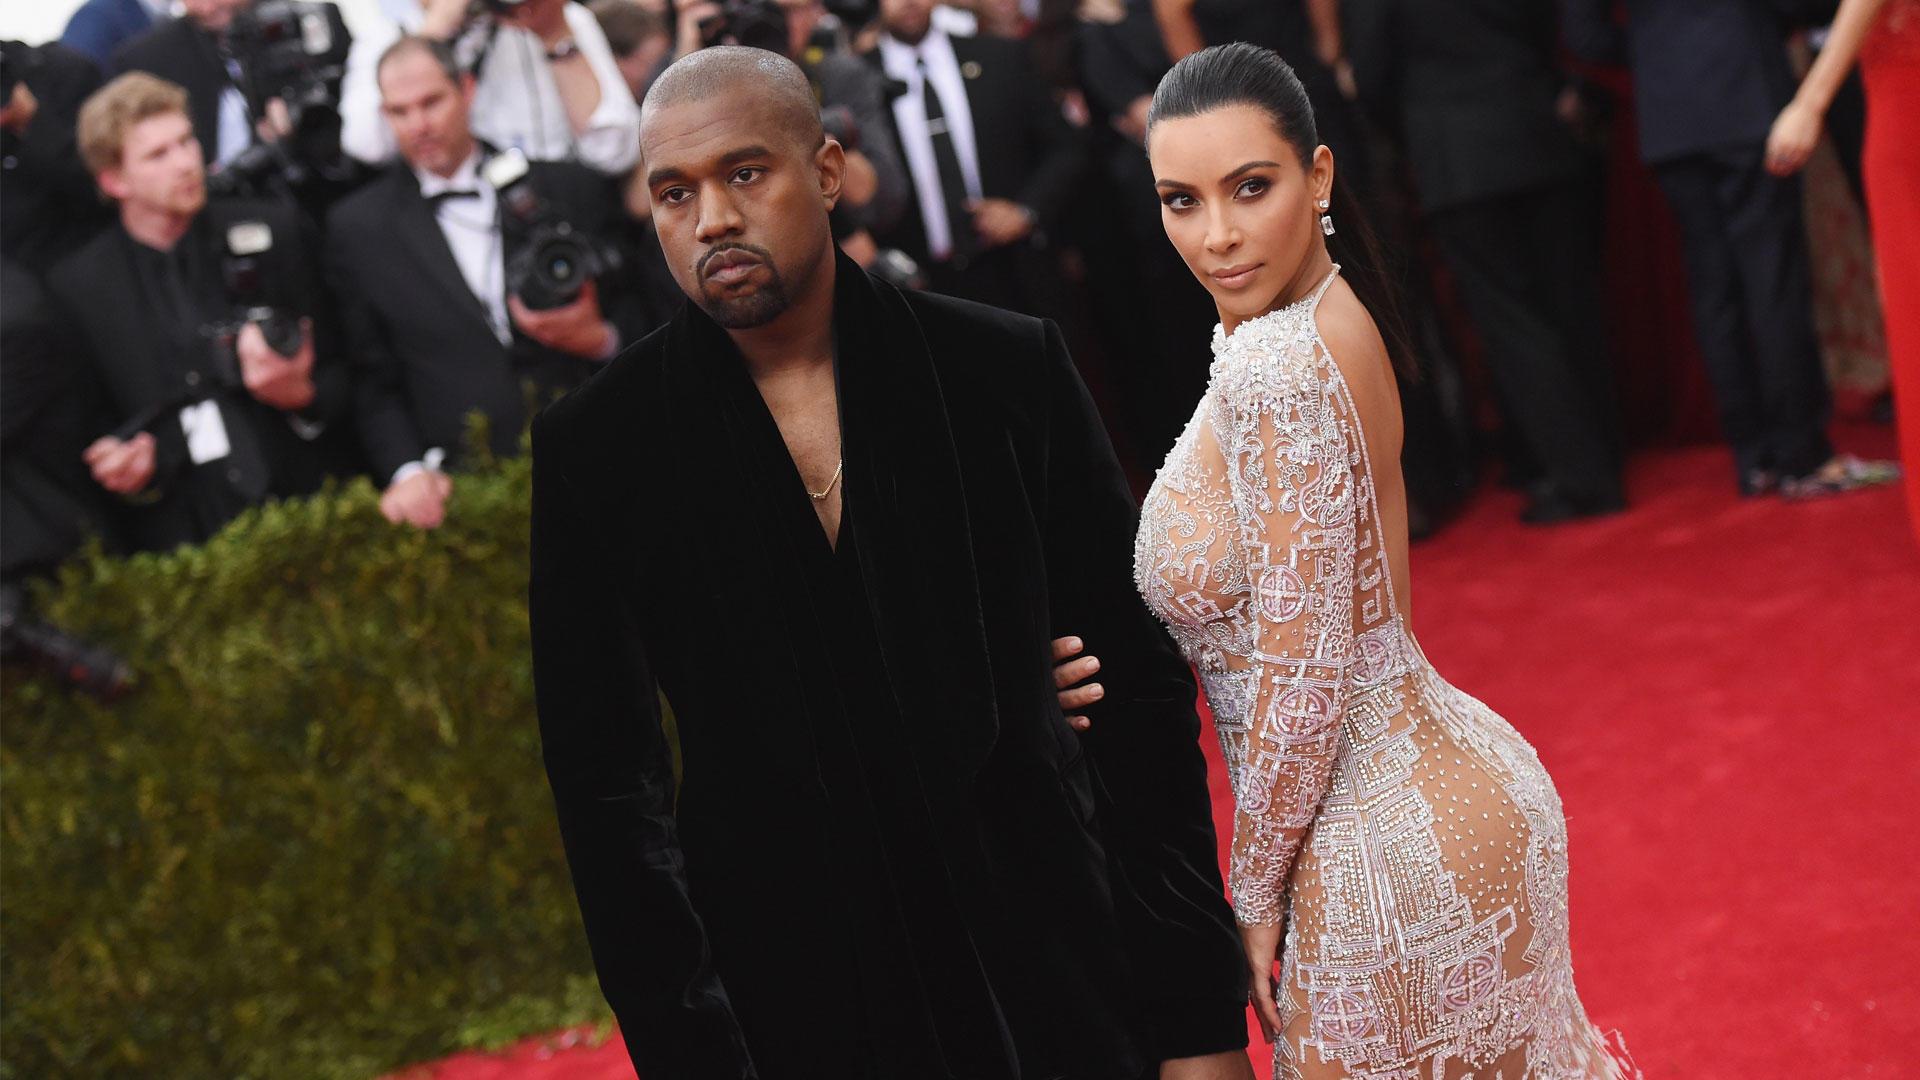 1ebd9036d0ba Siete famosas que odian usar ropa interior y los paparazzis lo saben ...